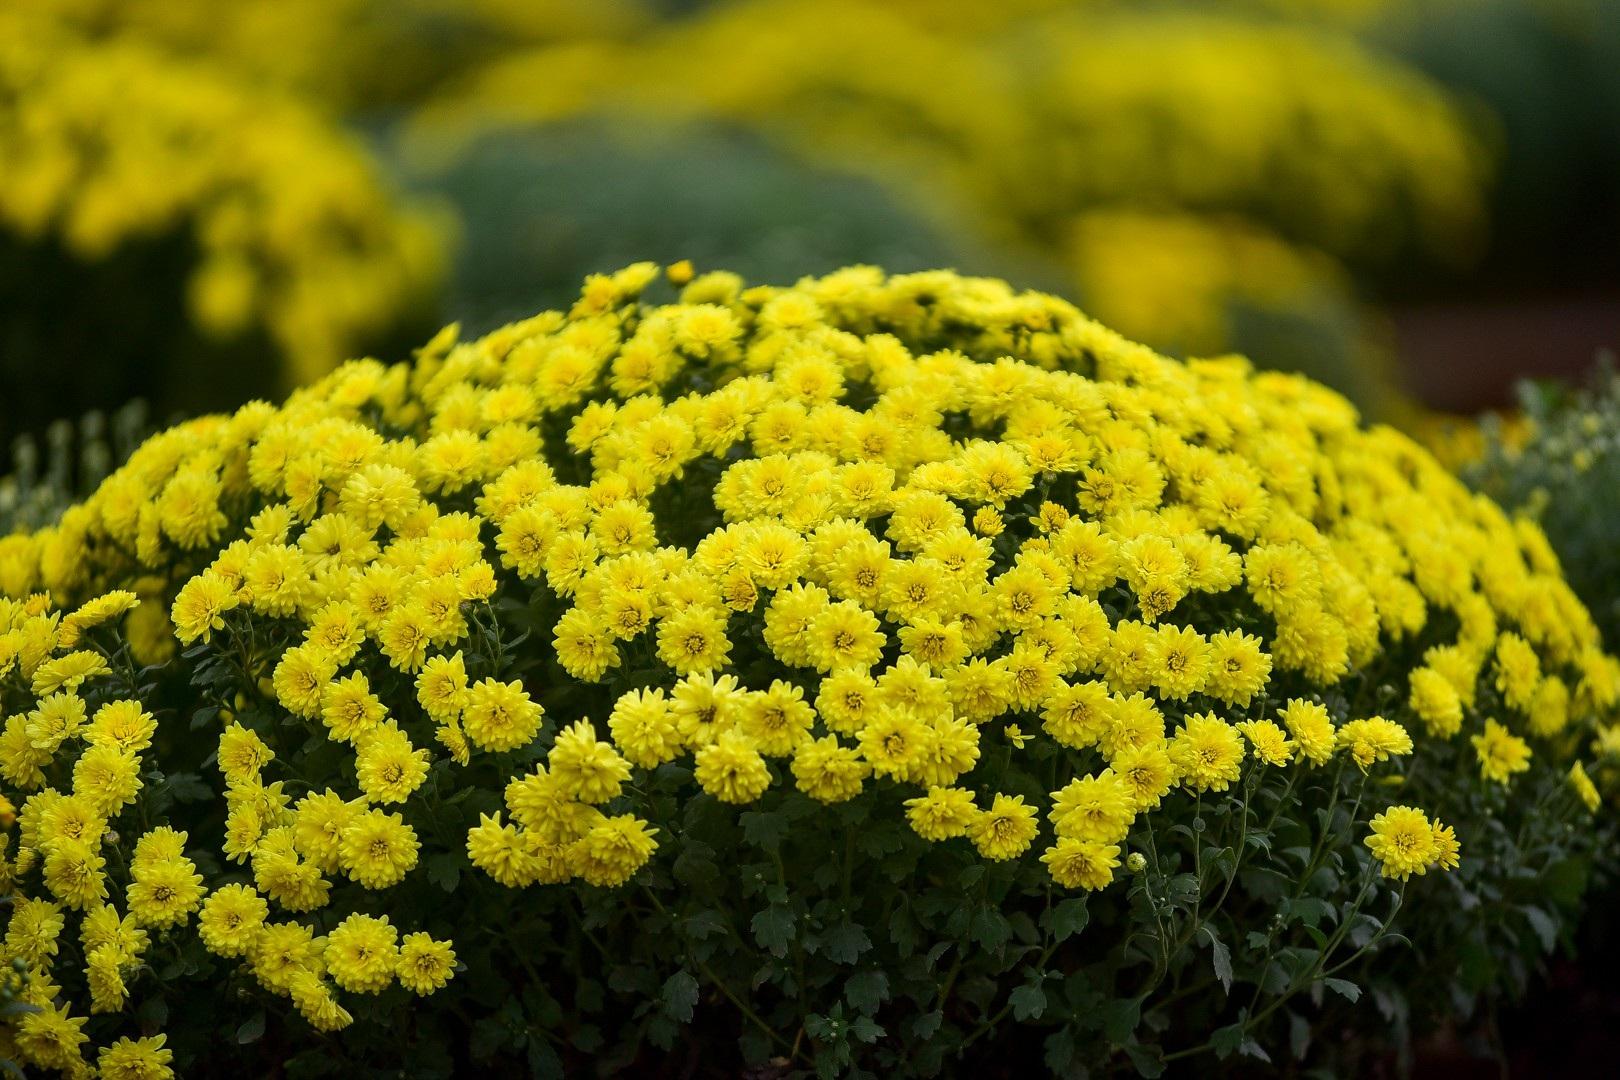 Phát sốt với vườn hoa cúc mâm xôi tuyệt đẹp ngay giữa Thủ đô - Ảnh 9.